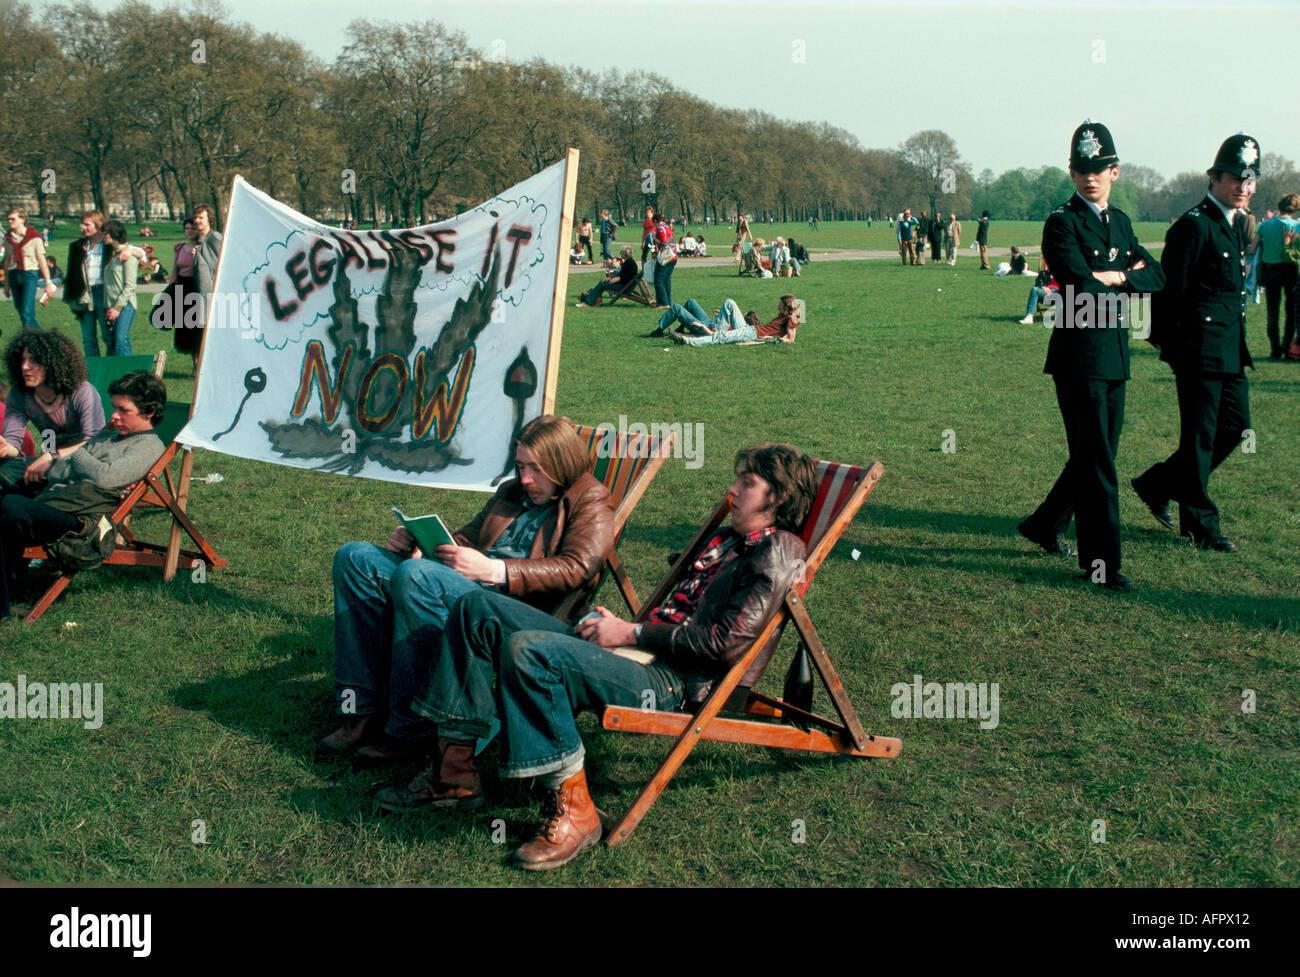 La POLICE ET LES PROTESTATAIRES AVEC GRANDE BANDEROLE PROCLAMANT LÉGALISER MAINTENANT AU LÉGALISER DÉMO POT HYDE PARK LONDRES 1979 HOMER SYKES Photo Stock